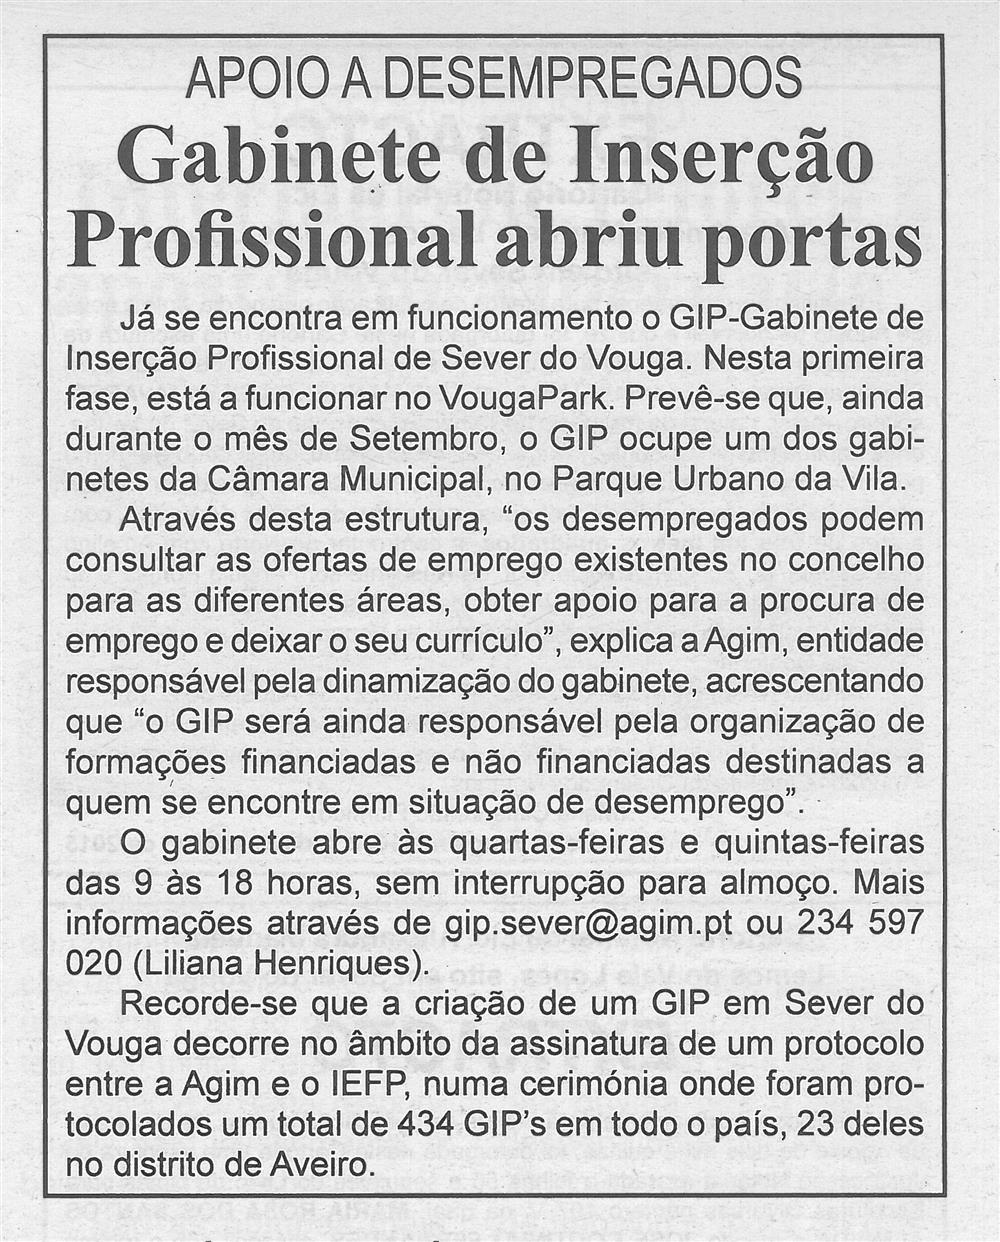 BV-1.ªset.'15-p.5-Gabinete de Inserção Profissional abriu portas : apoio a desempregados.jpg